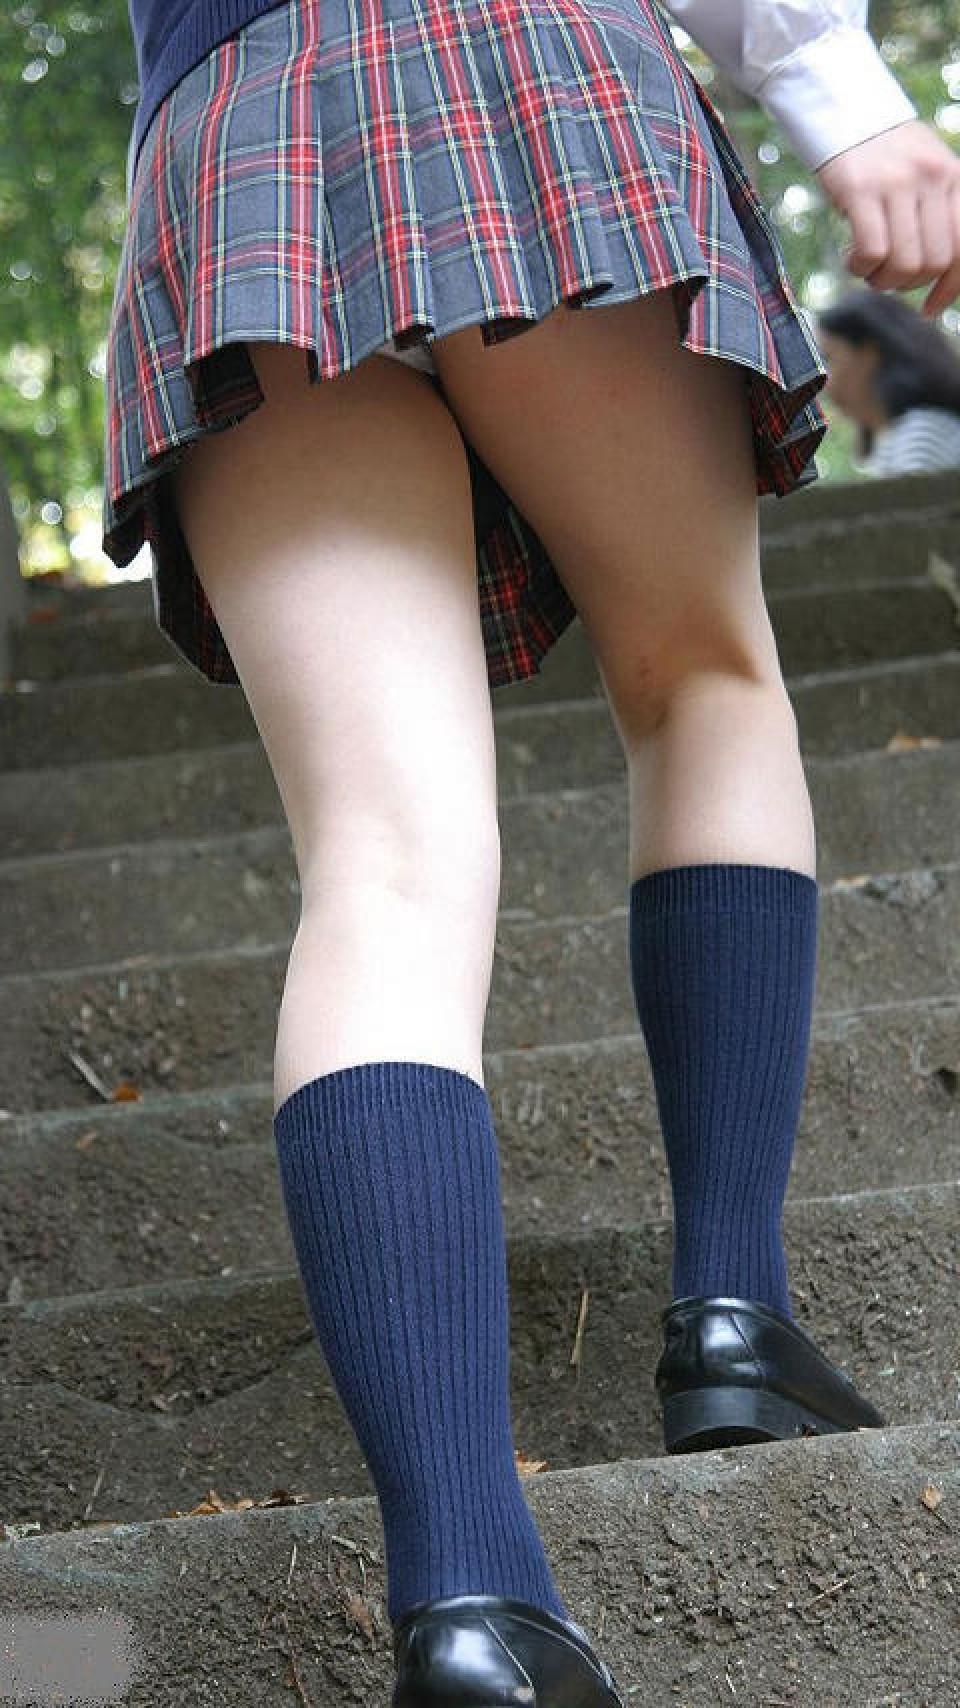 【パンチラエロ画像】階段はチラ見えの味方!ミニスカ見上げりゃそこには生パンwww 03